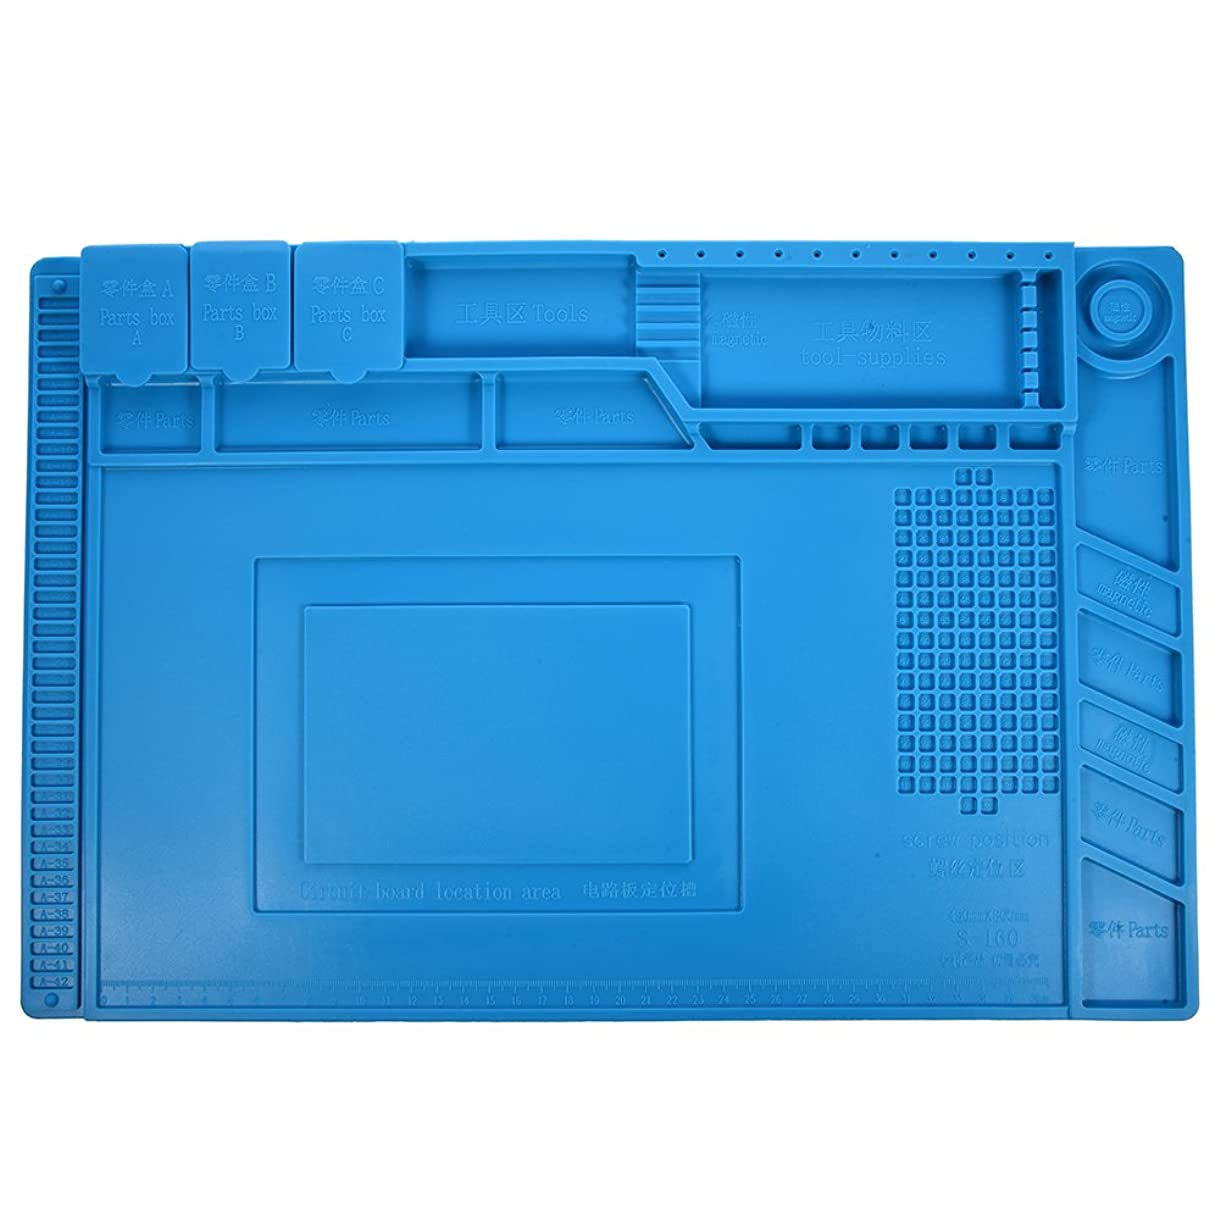 お願いします瞬時に否認するSNOWINSPRING S-160 45x30cm断熱 シリコーンパッド デスクマットメンテナンスプラットフォーム